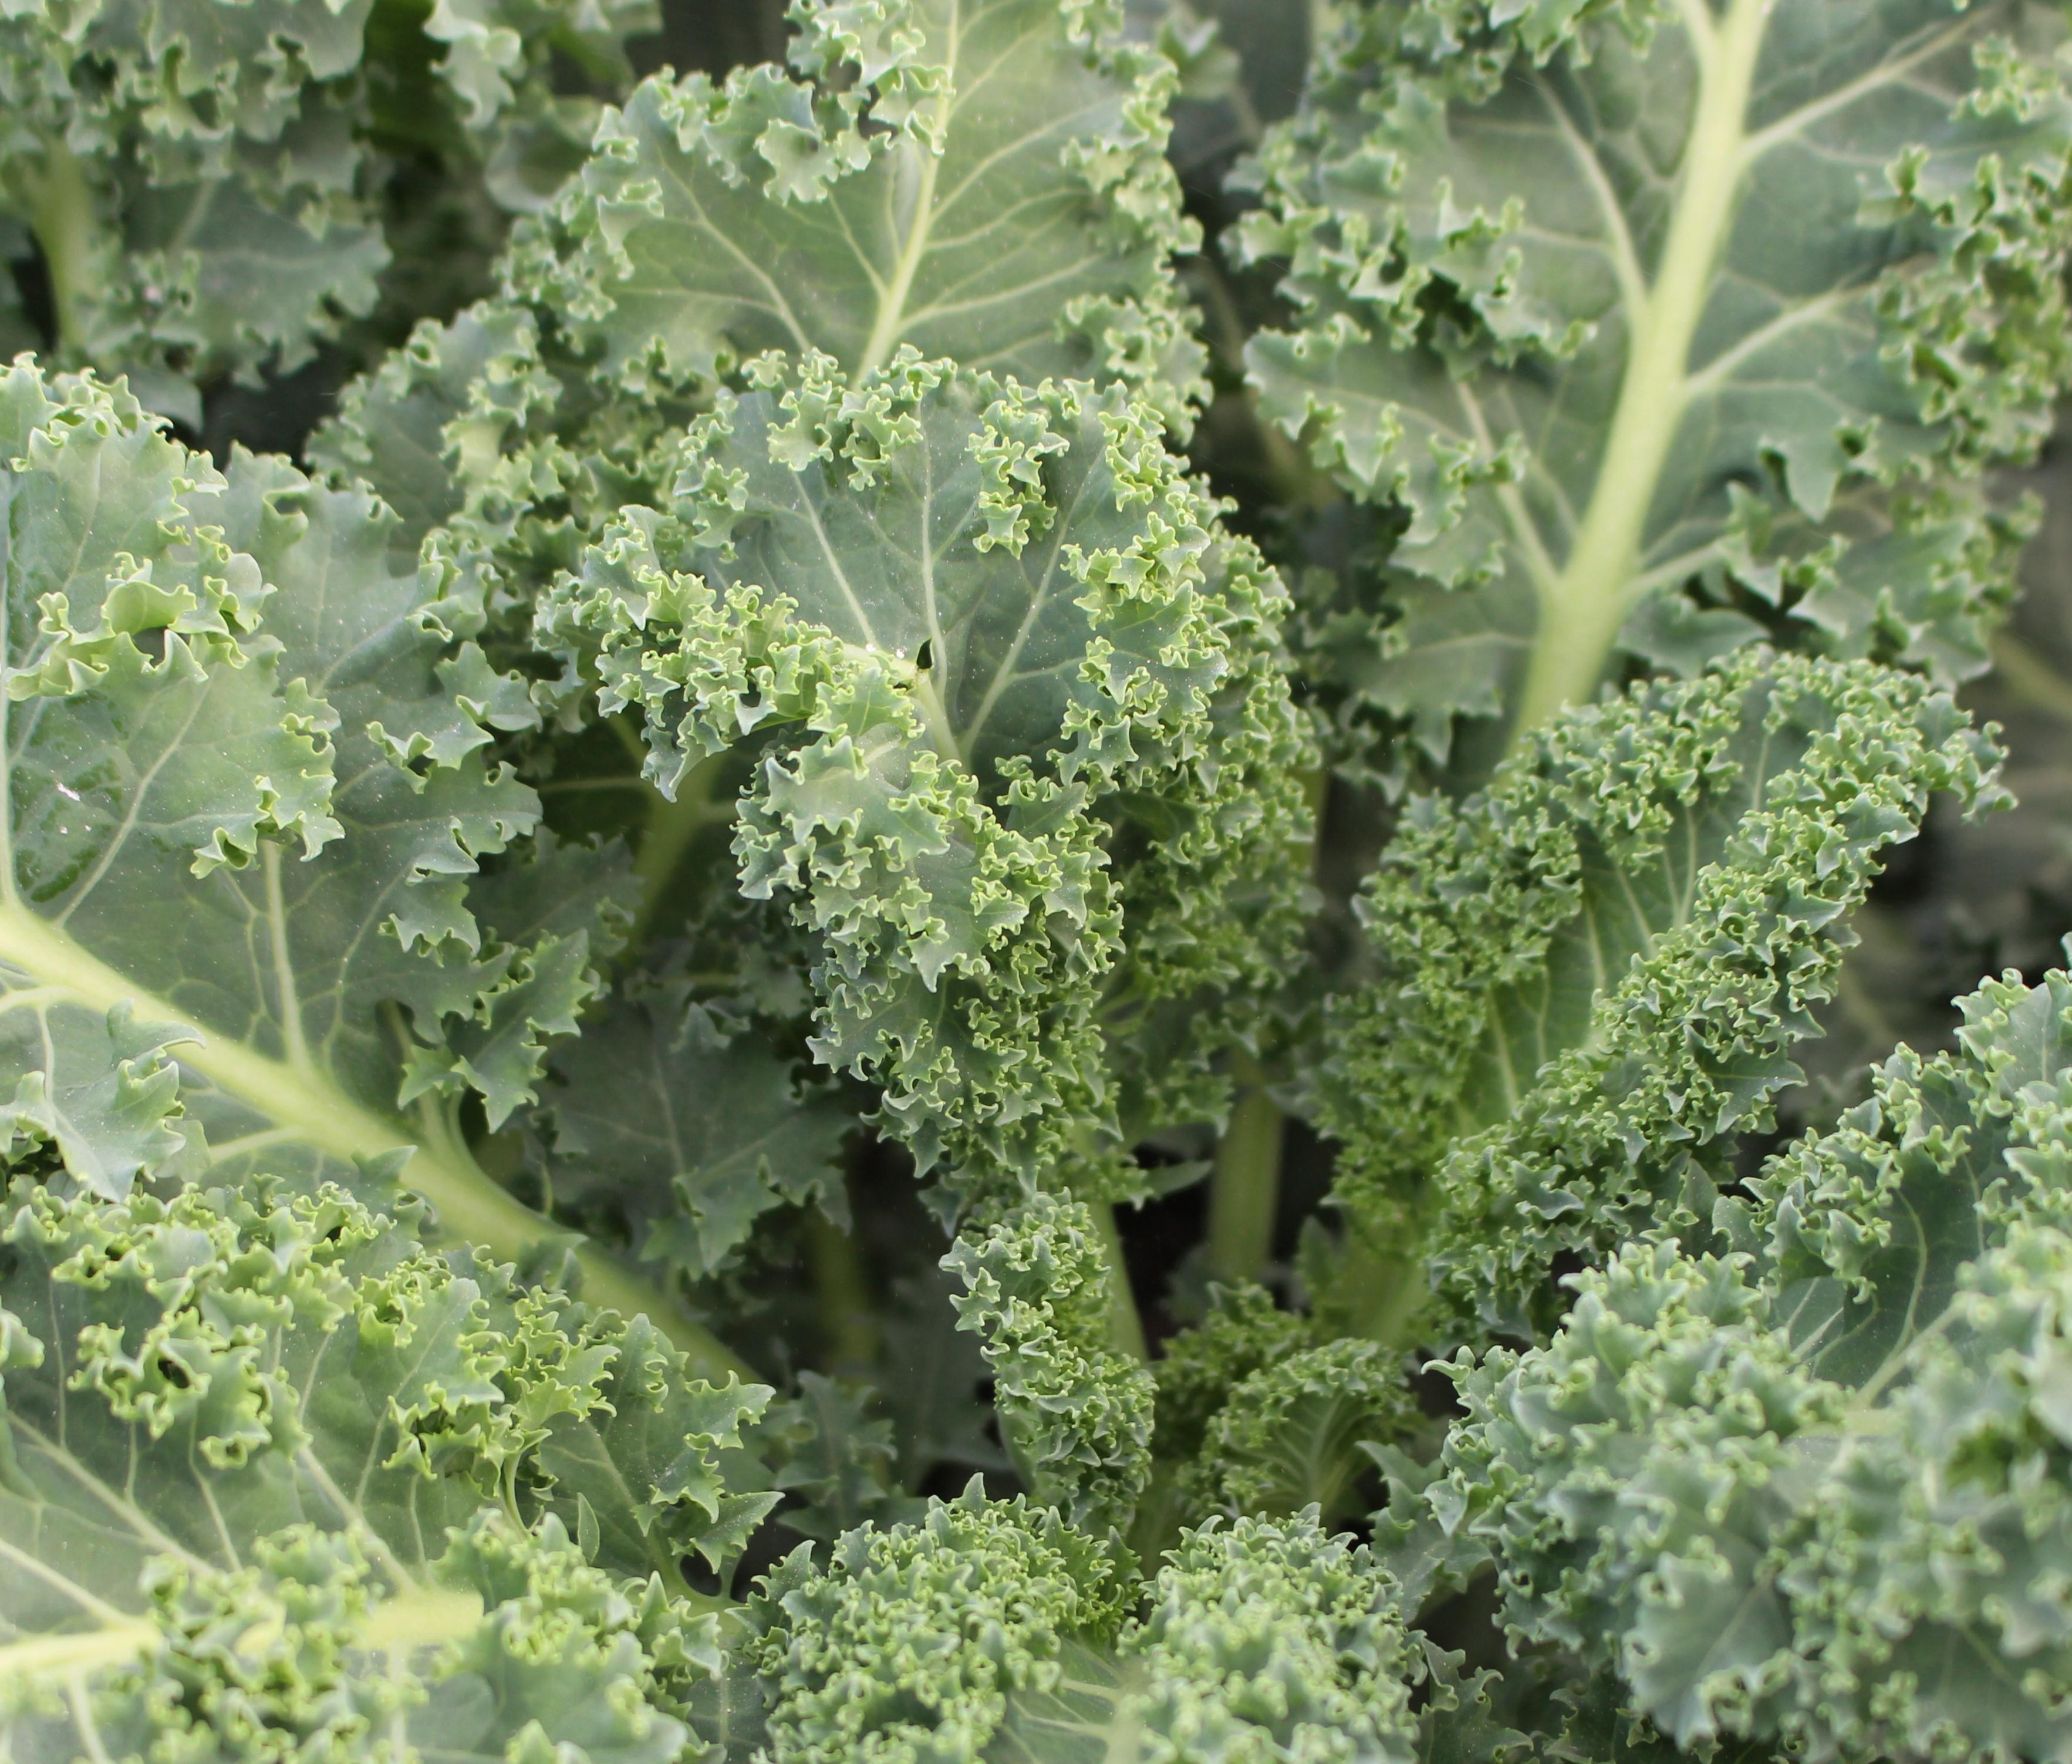 Desiderata Ranch Kale